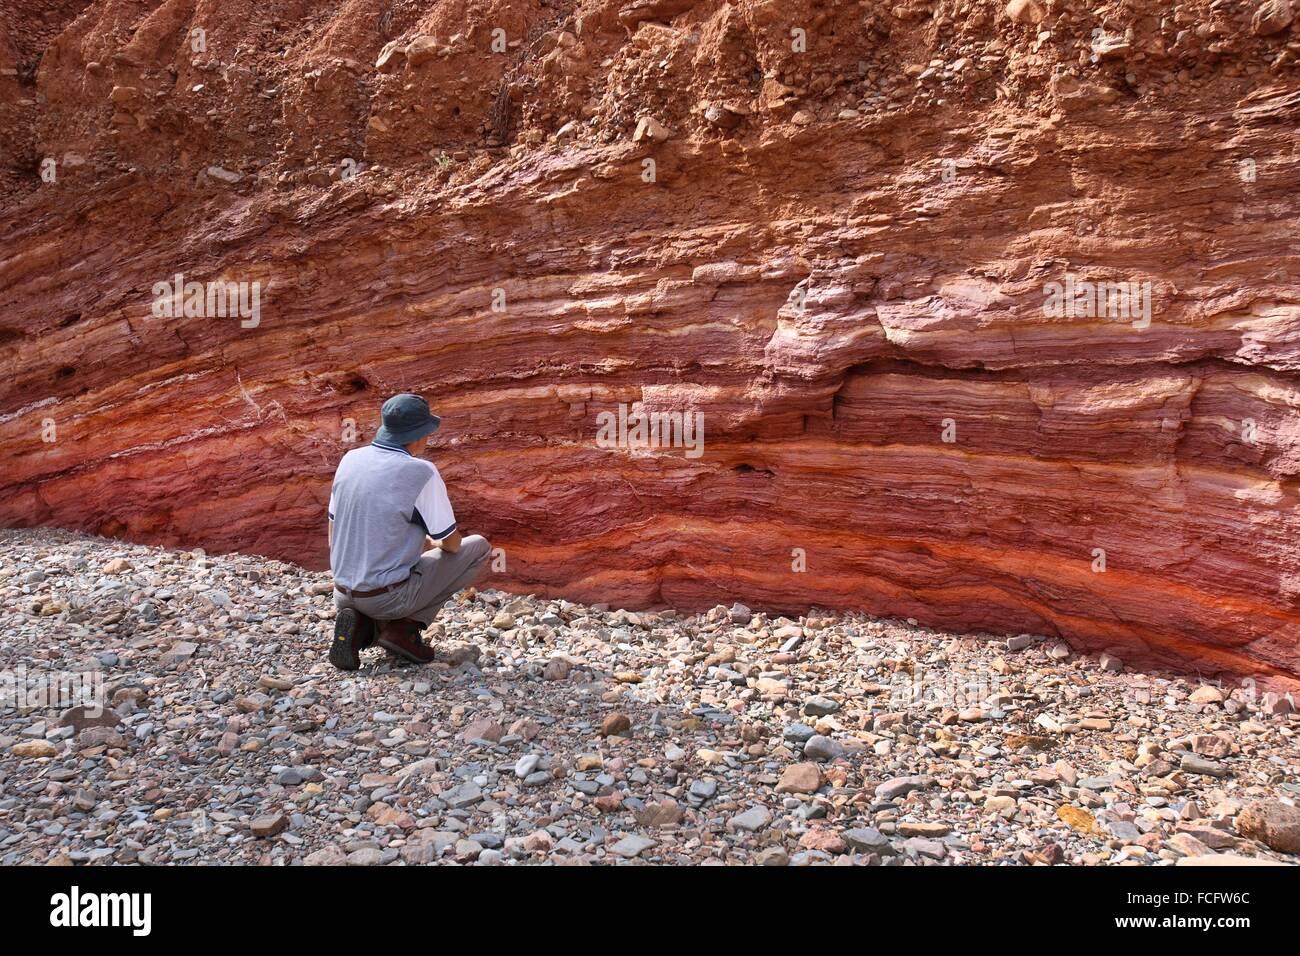 Ockerfarbenen Wand traditionell von Aborigines verwendet. Arkaroola, Flinders Ranges, South Australia. Stockbild